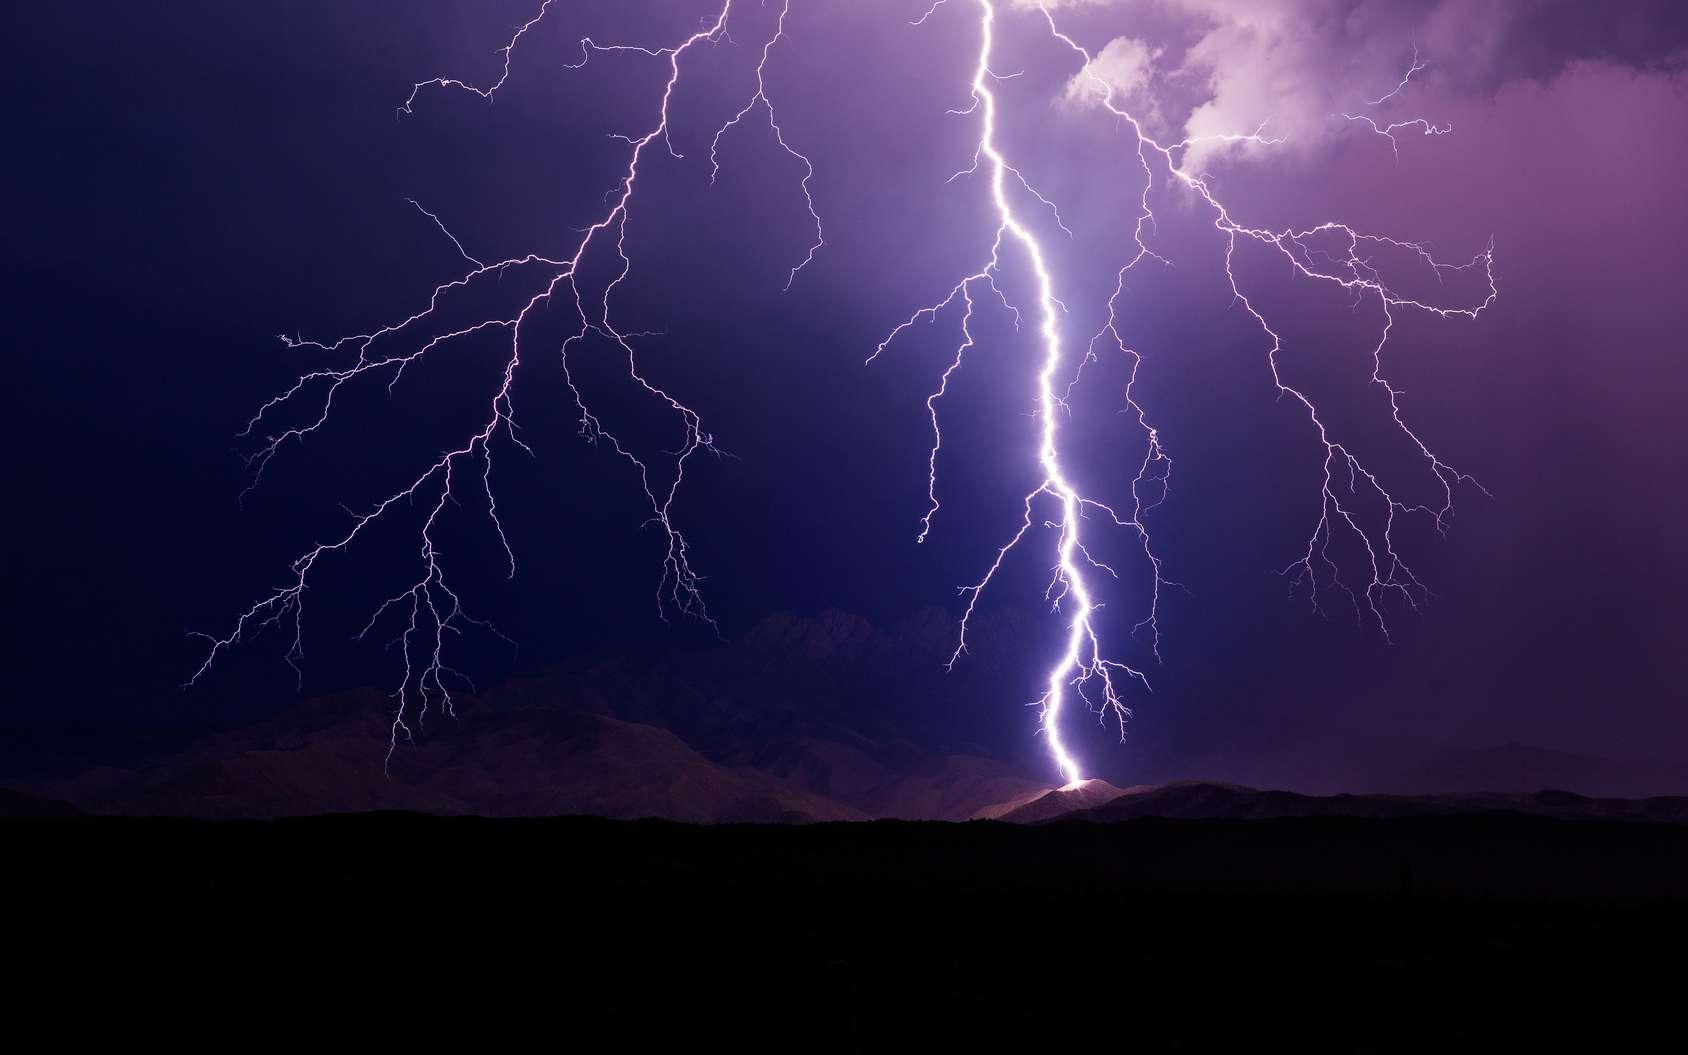 Grâce aux muons, une tension exceptionnelle a pu être mesurée dans un orage. © mdesigner125, fotolia